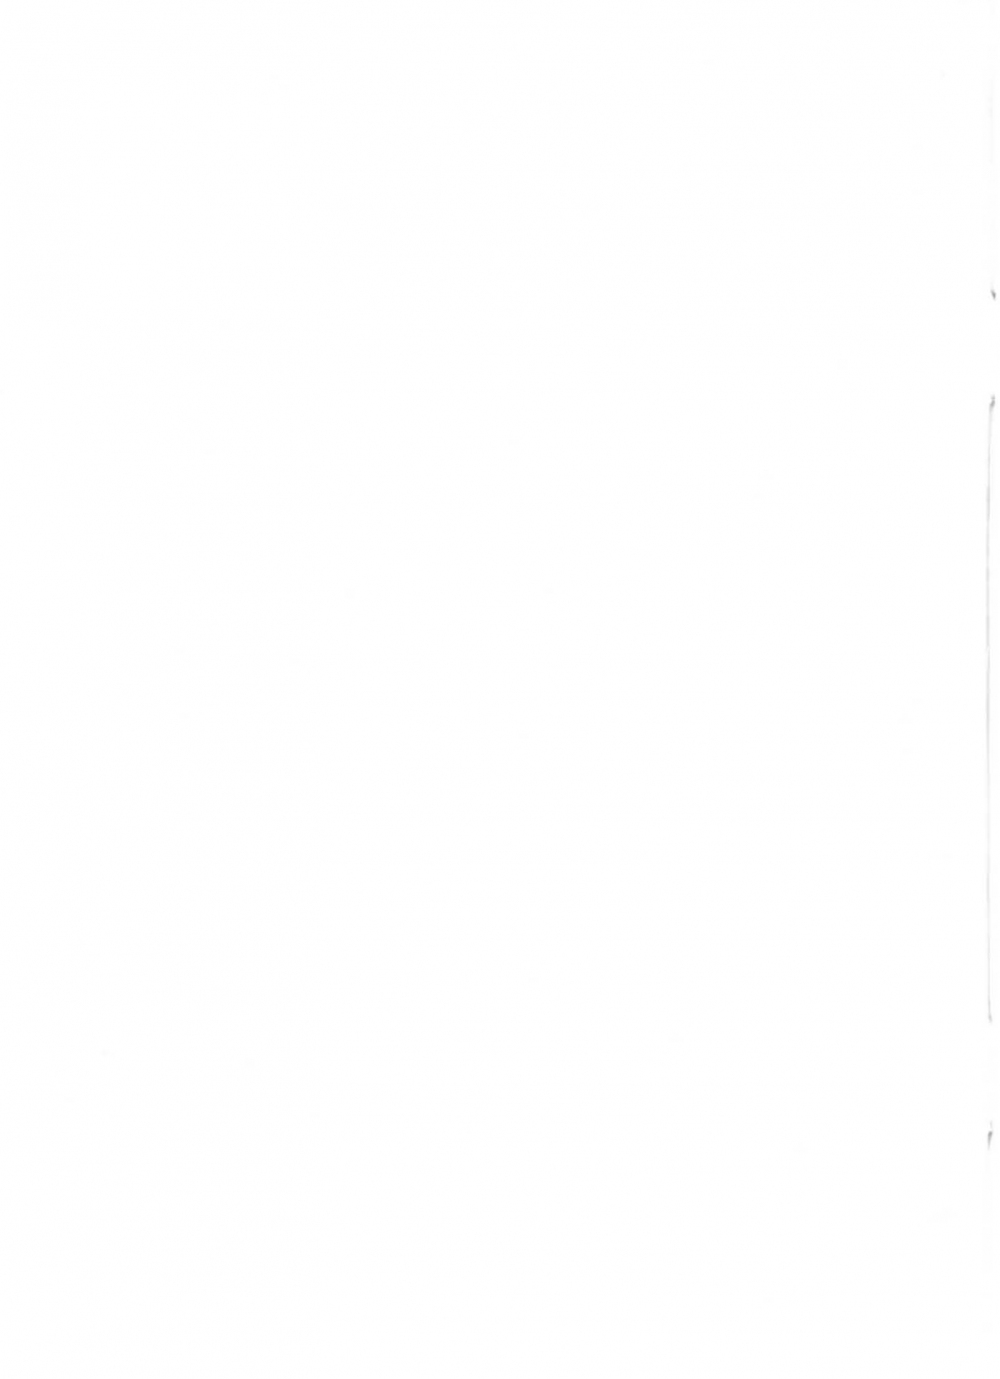 Алгебра і початки аналізу в таблицях і схемах : Бровченко О. Логос. купити  1